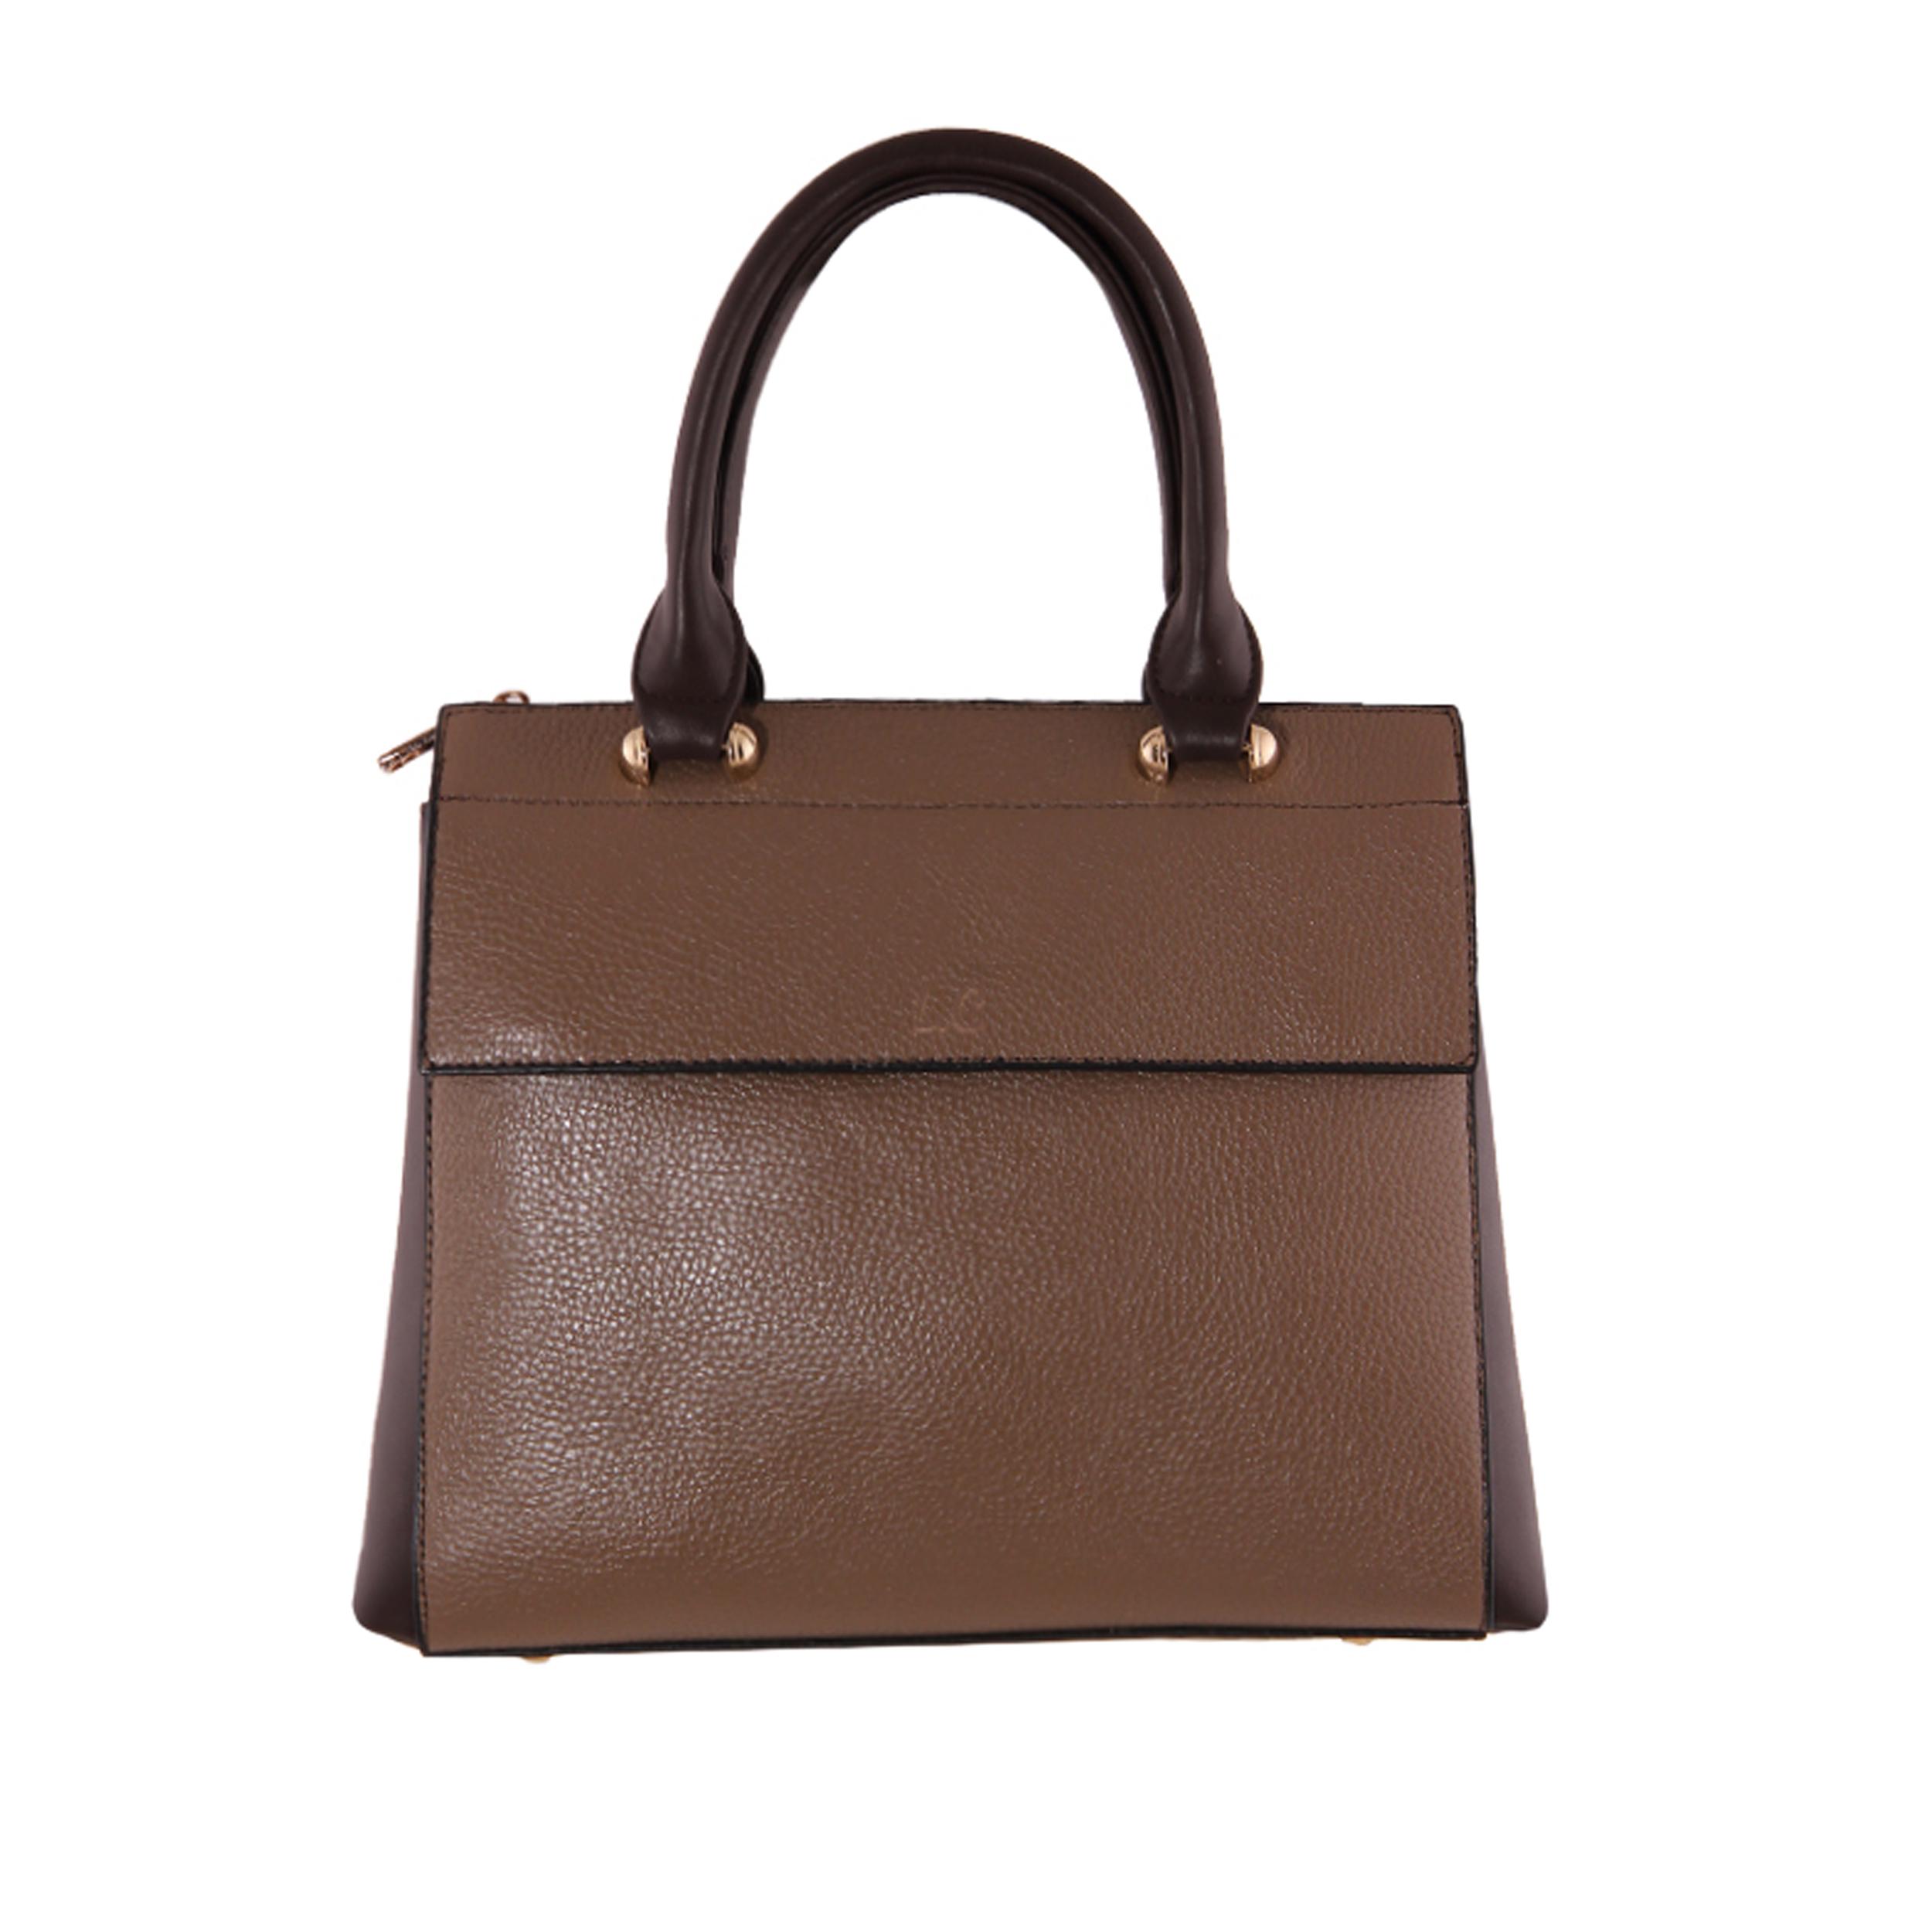 کیف دستی زنانه شهر چرم کد 0111495